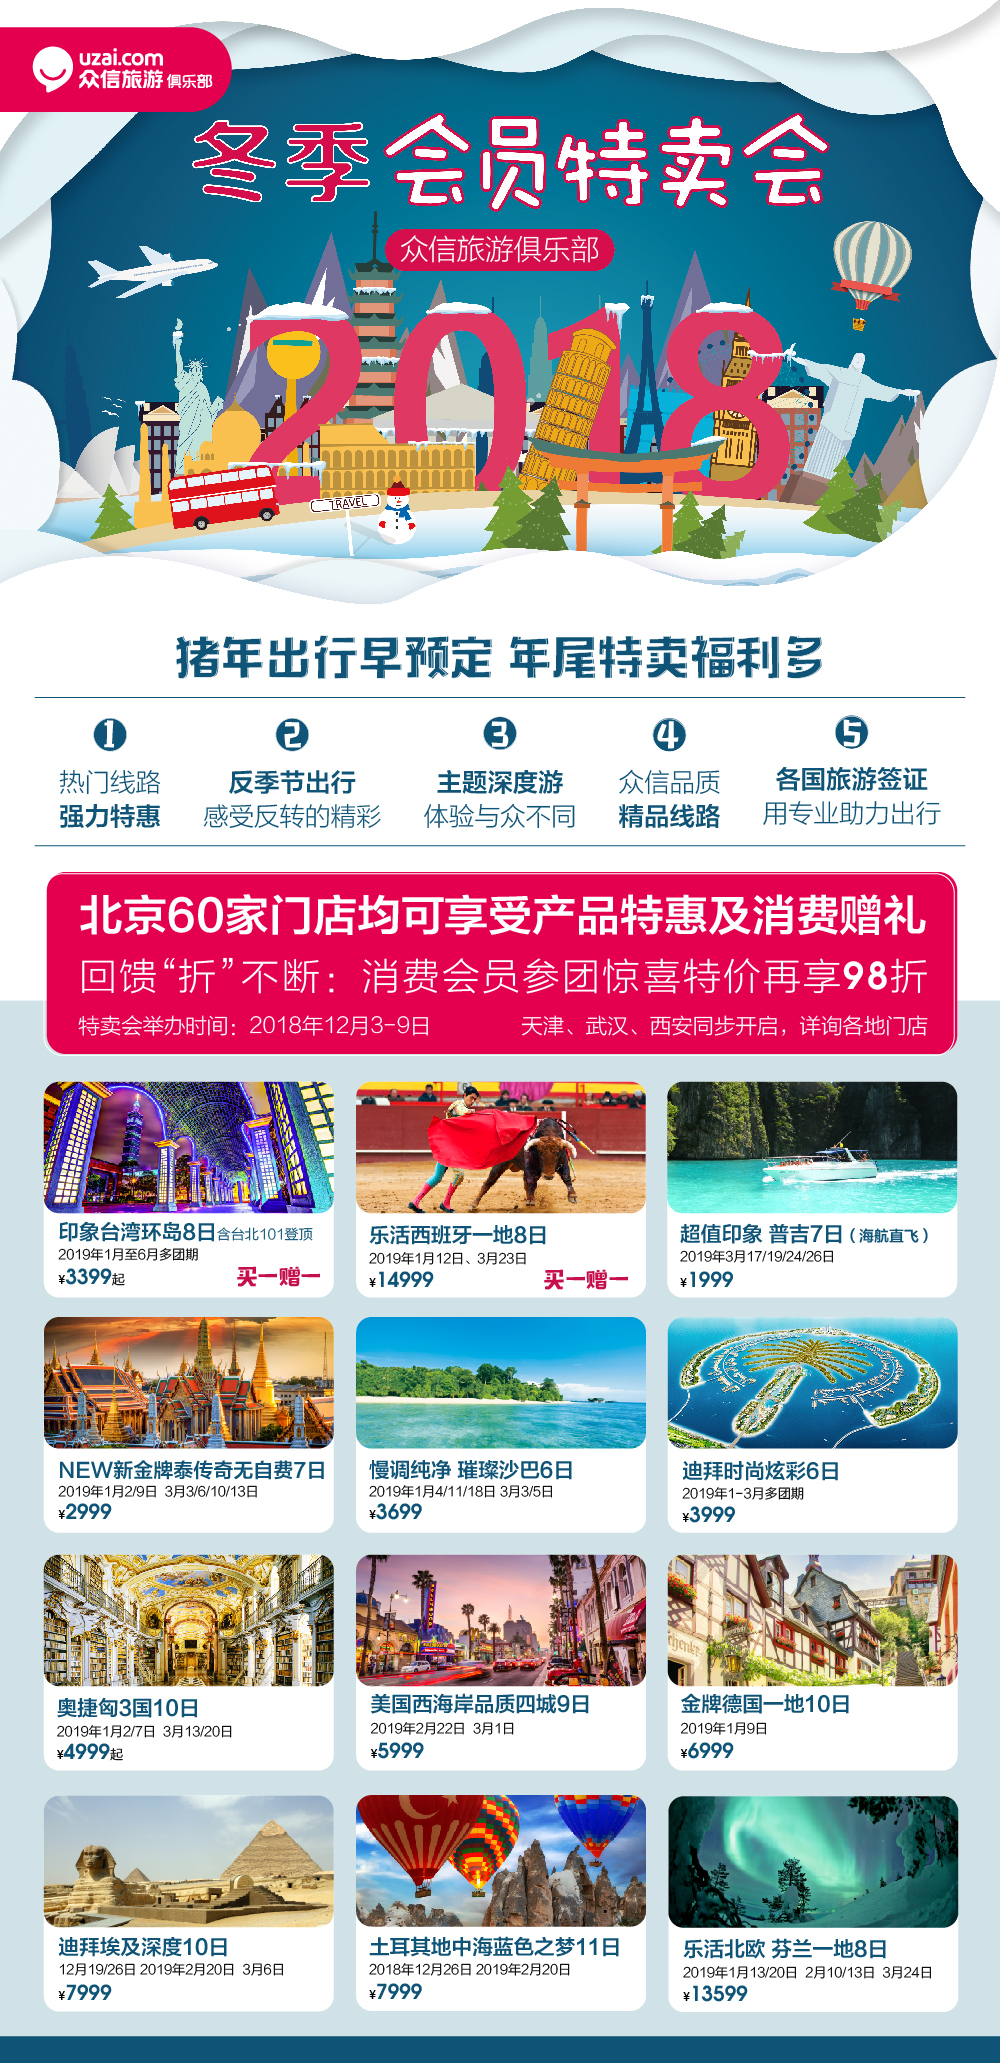 特卖会首发微信宣传单1000_画板 1203.jpg